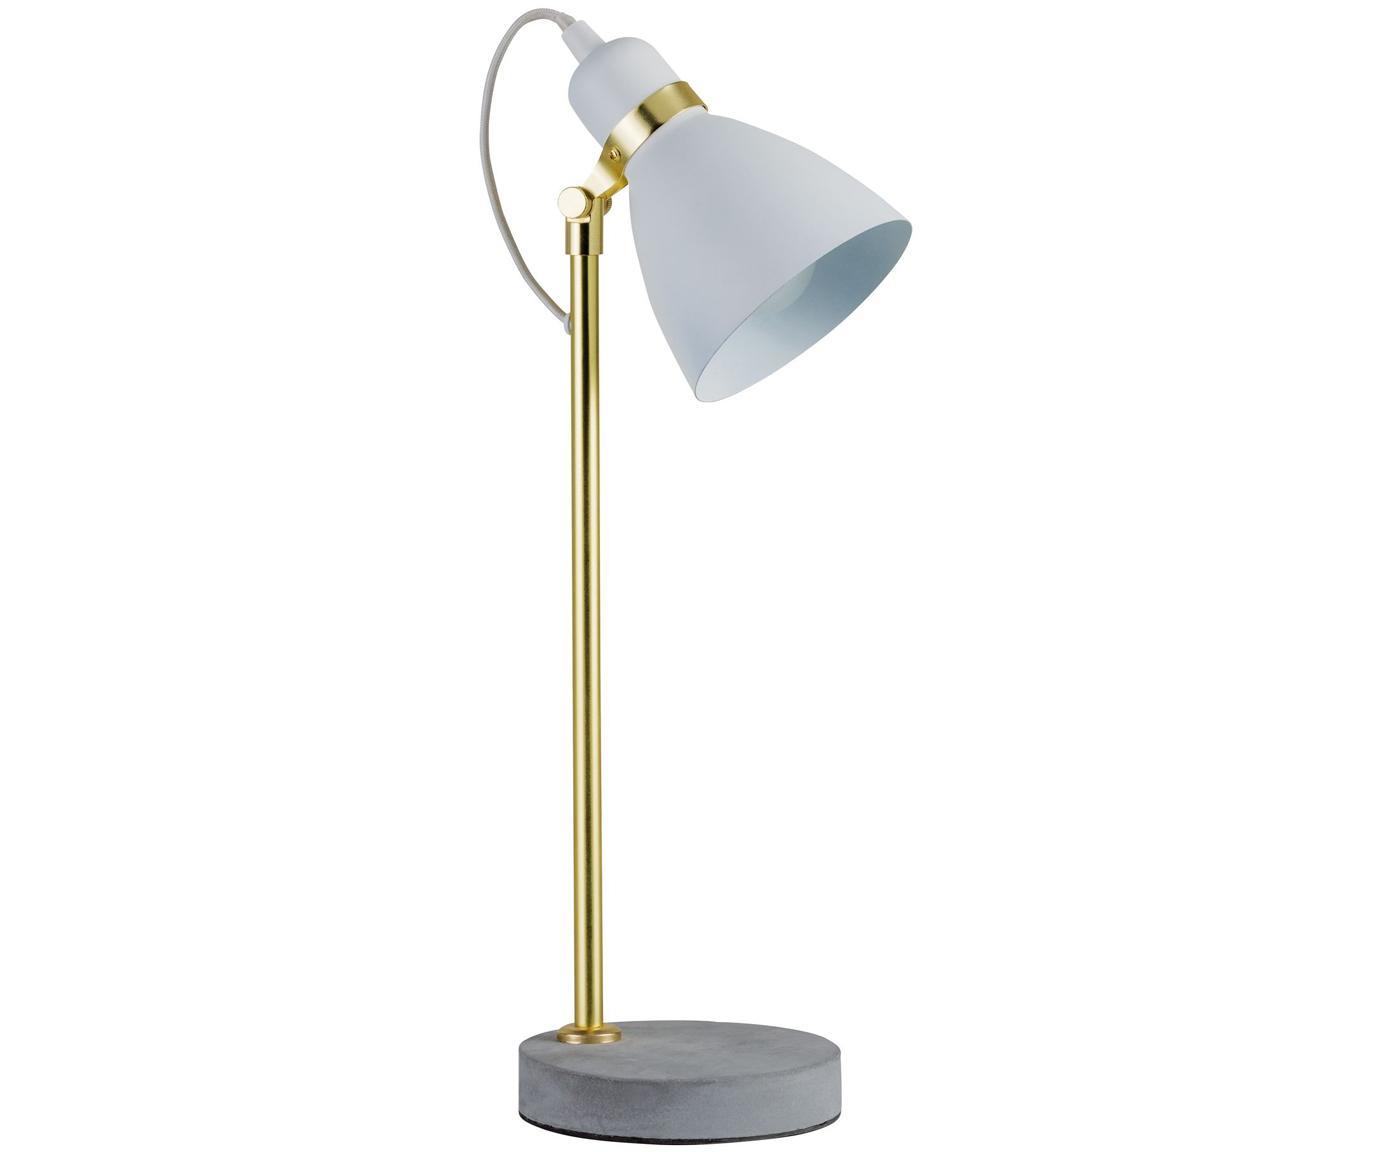 Weiße Schreibtischlampe Orm mit Betonfuß, Lampenschirm: Metall, beschichtet, Lampenfuß: Beton, Weiß, Messingfarben, Grau, Ø 15 x H 50 cm